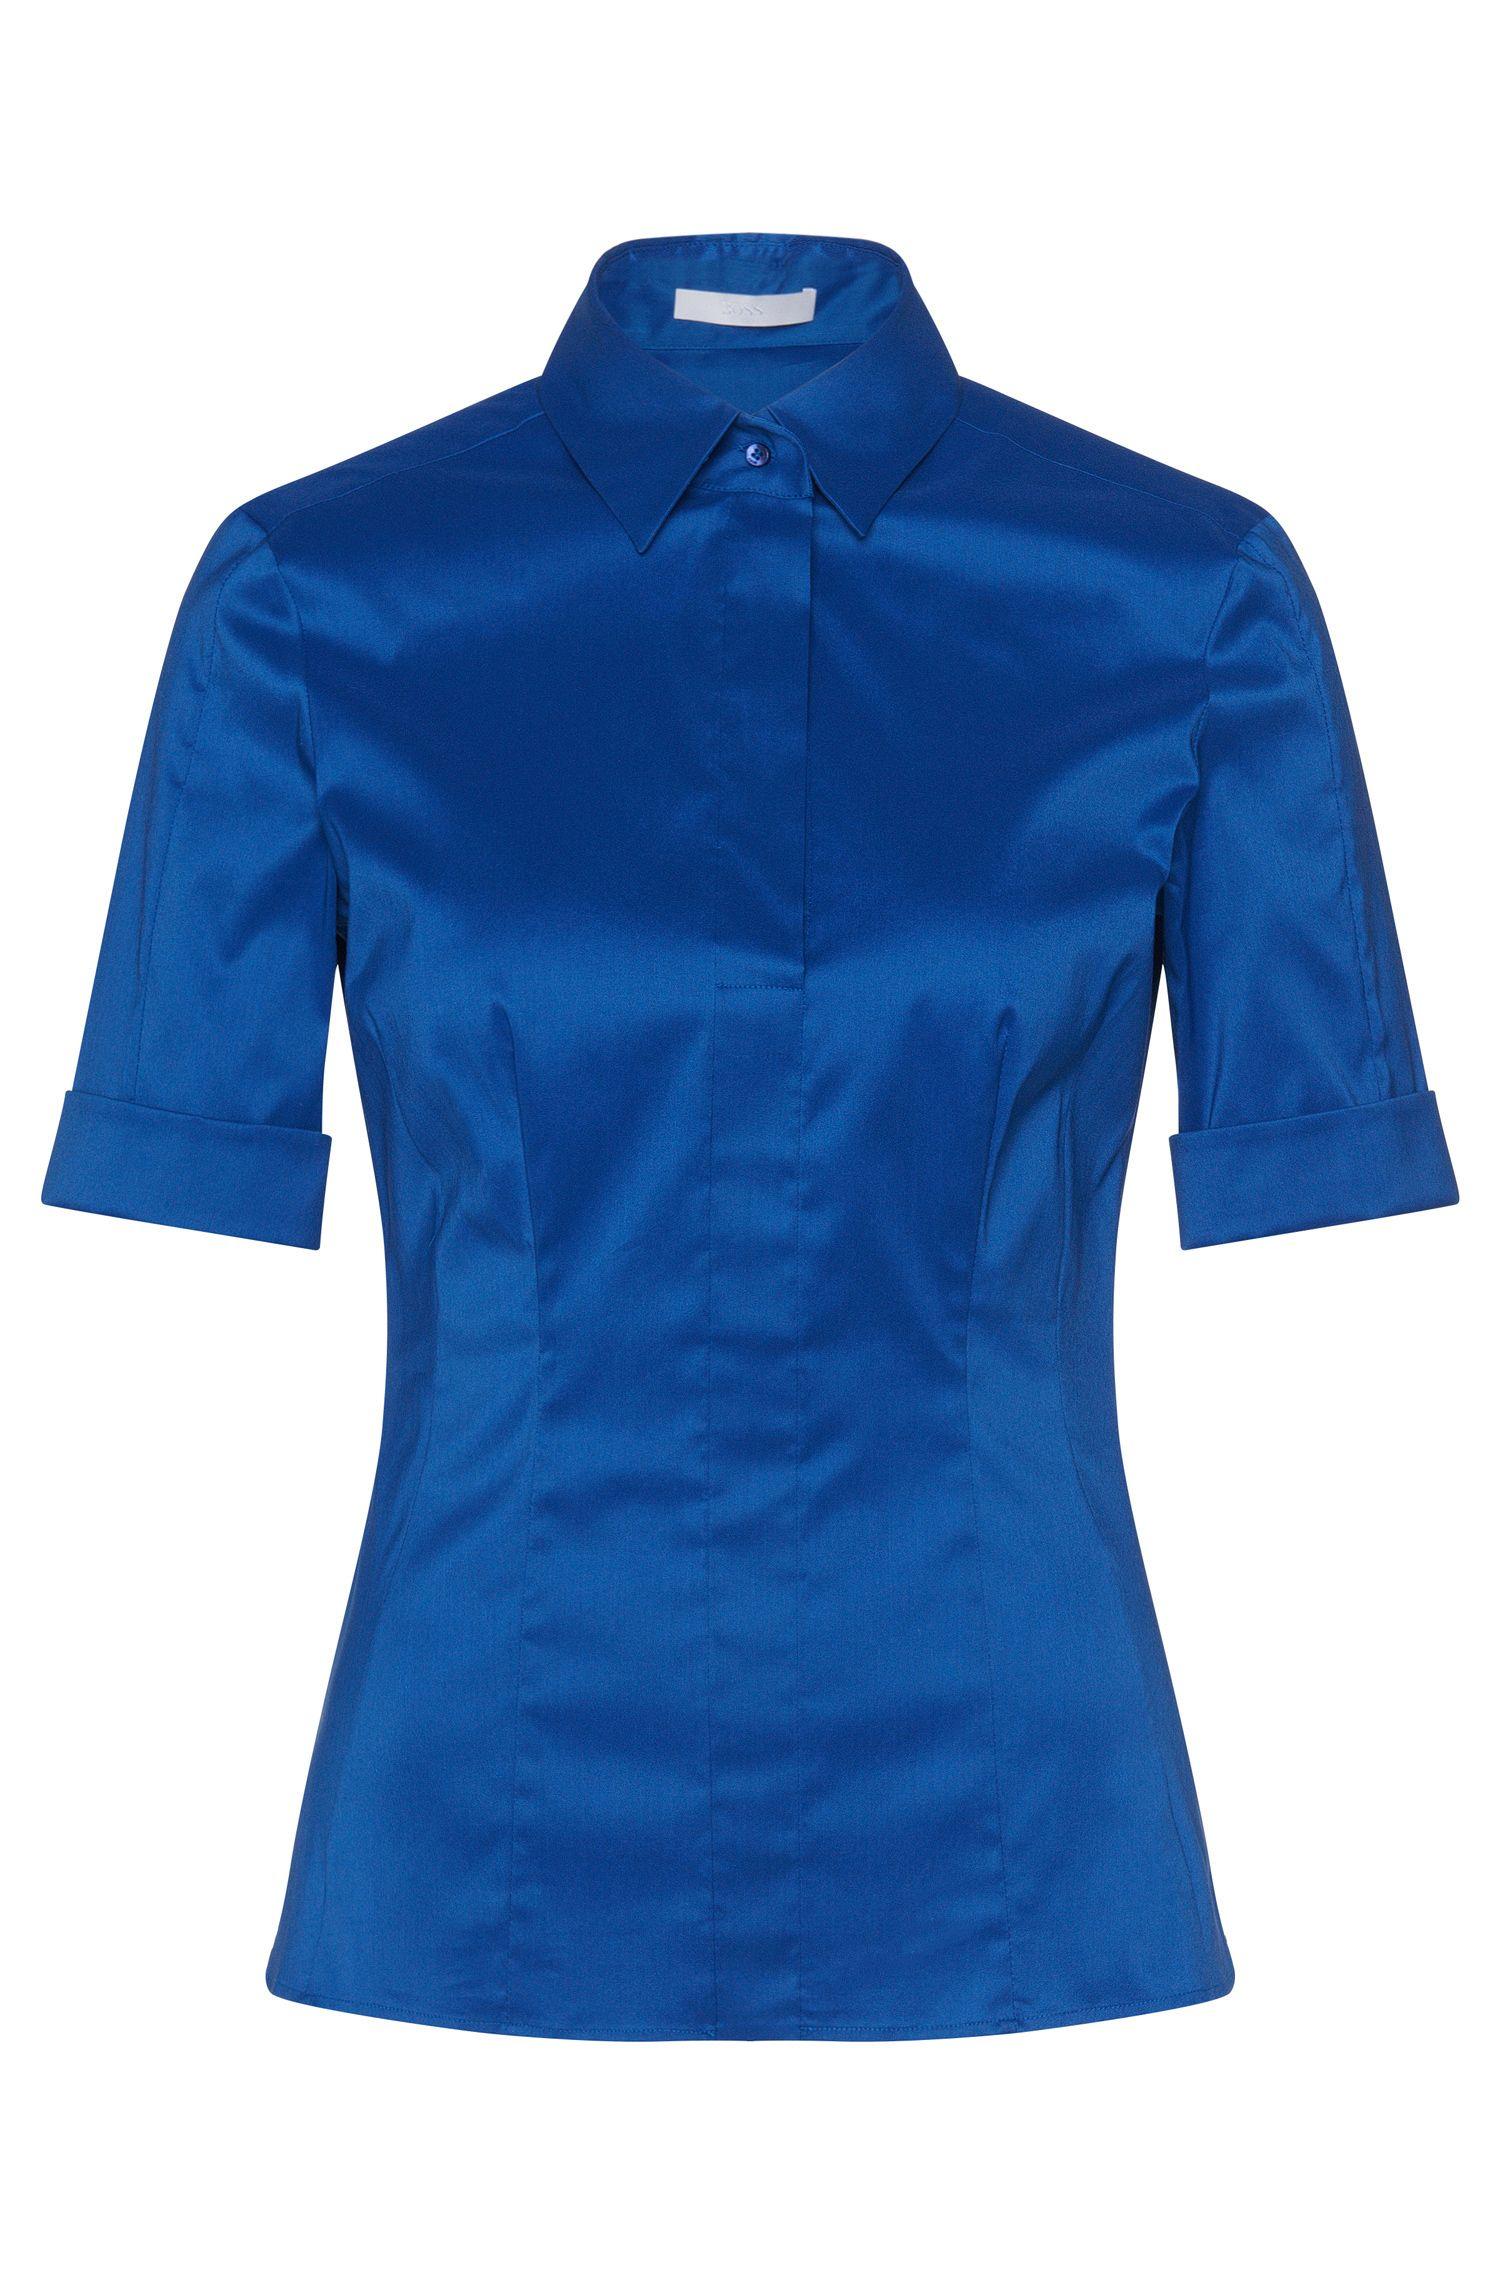 Slim-Fit Bluse aus Baumwoll-Mix mit angedeuteter Knopfleiste von BOSS Womenswear Fundamentals